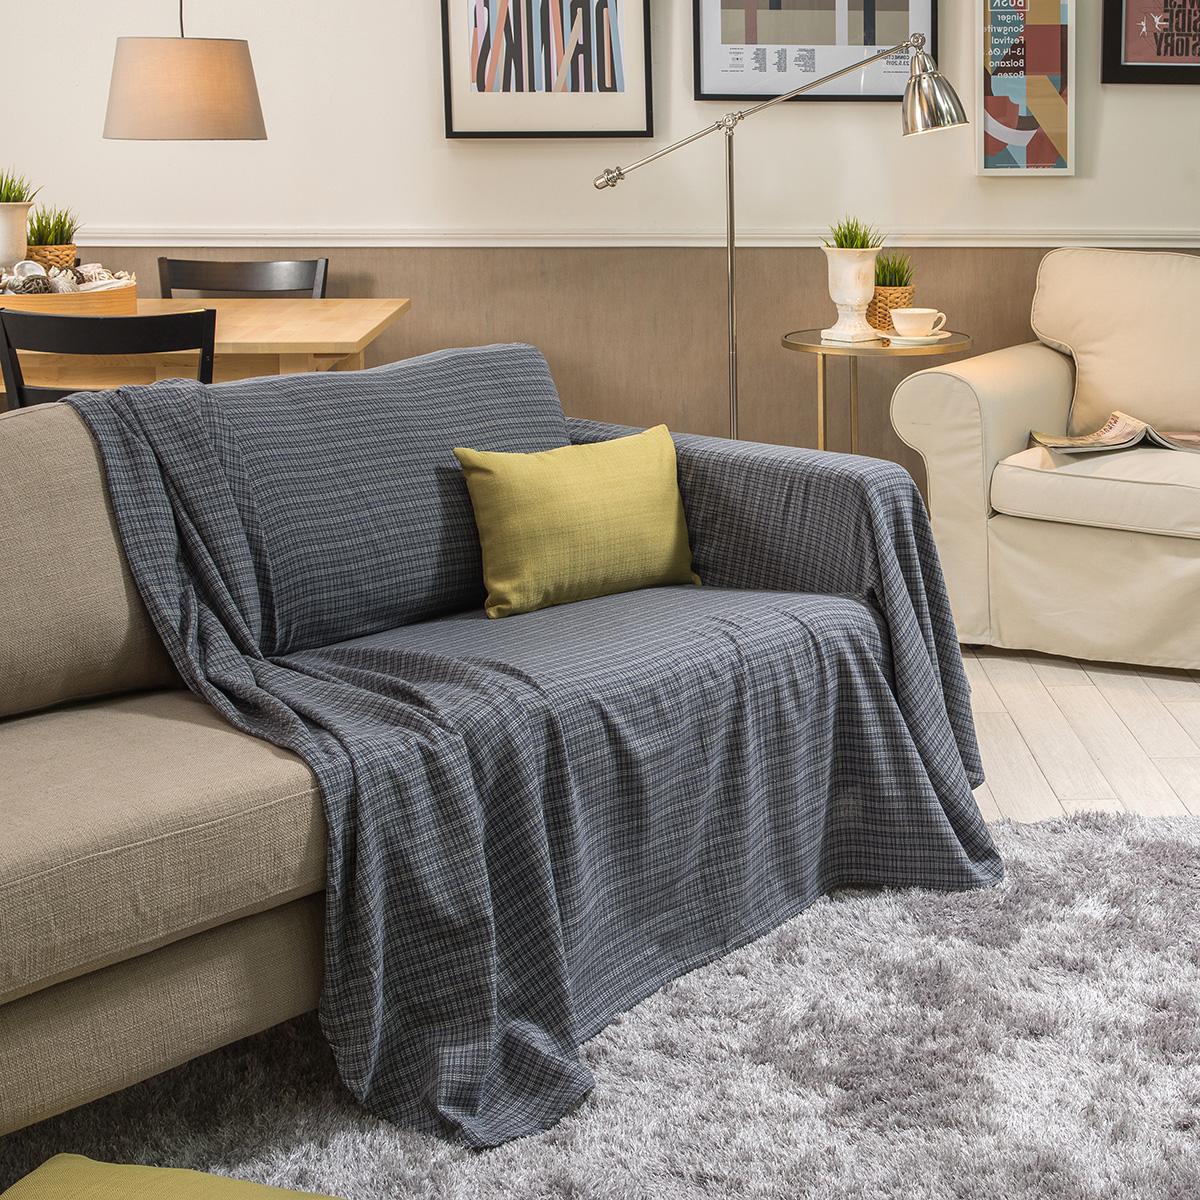 Foulard Cubre sofa E6d5 Fundas Para sofas Baratas Piel Leroy Merlin Baratos sofa Ajustables